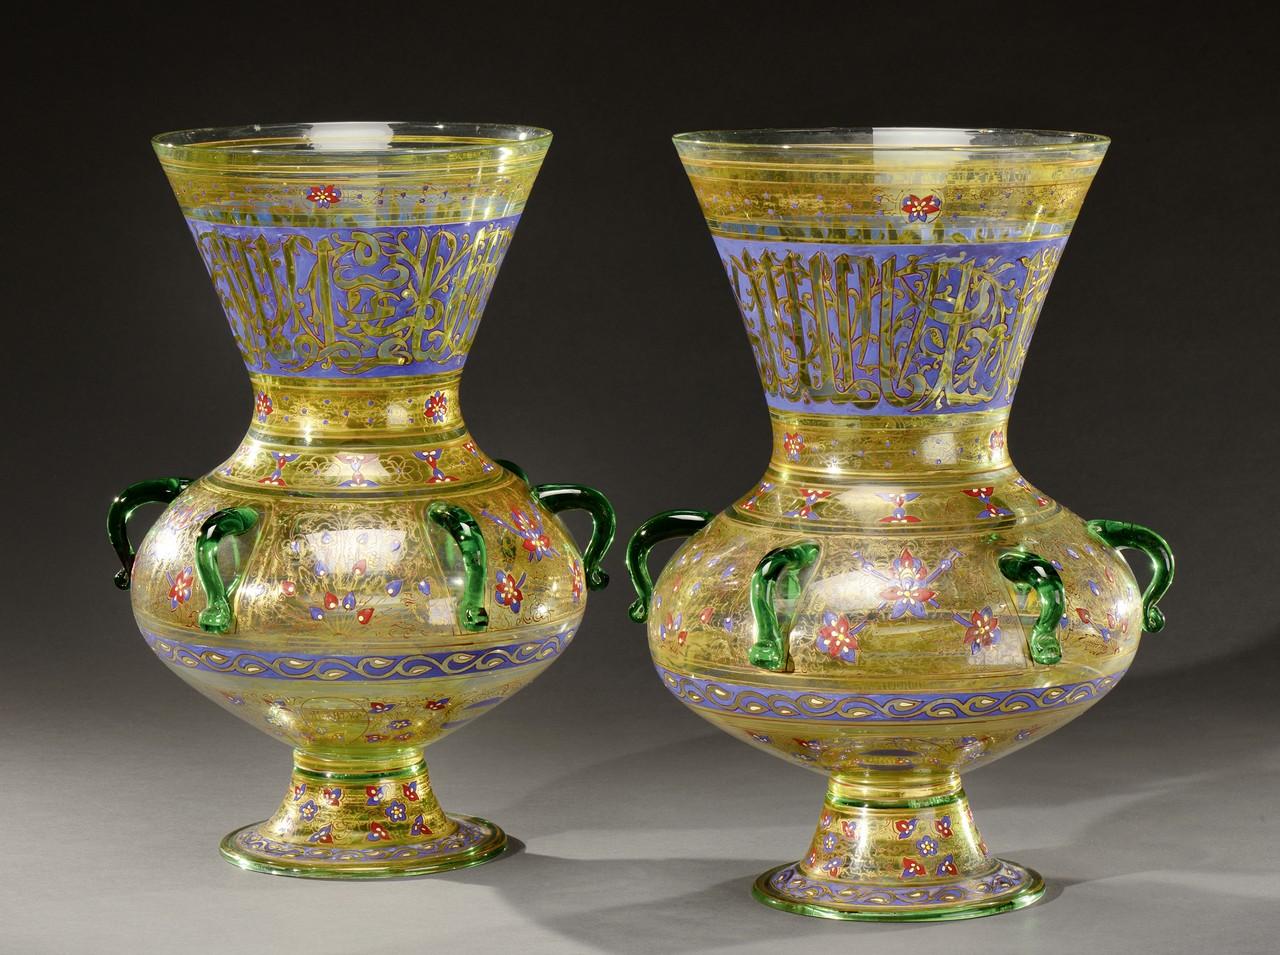 PHILIPPE-JOSEPH BROCARD (mort en 1896) Importante paire de vases en forme de lampes de mosquée